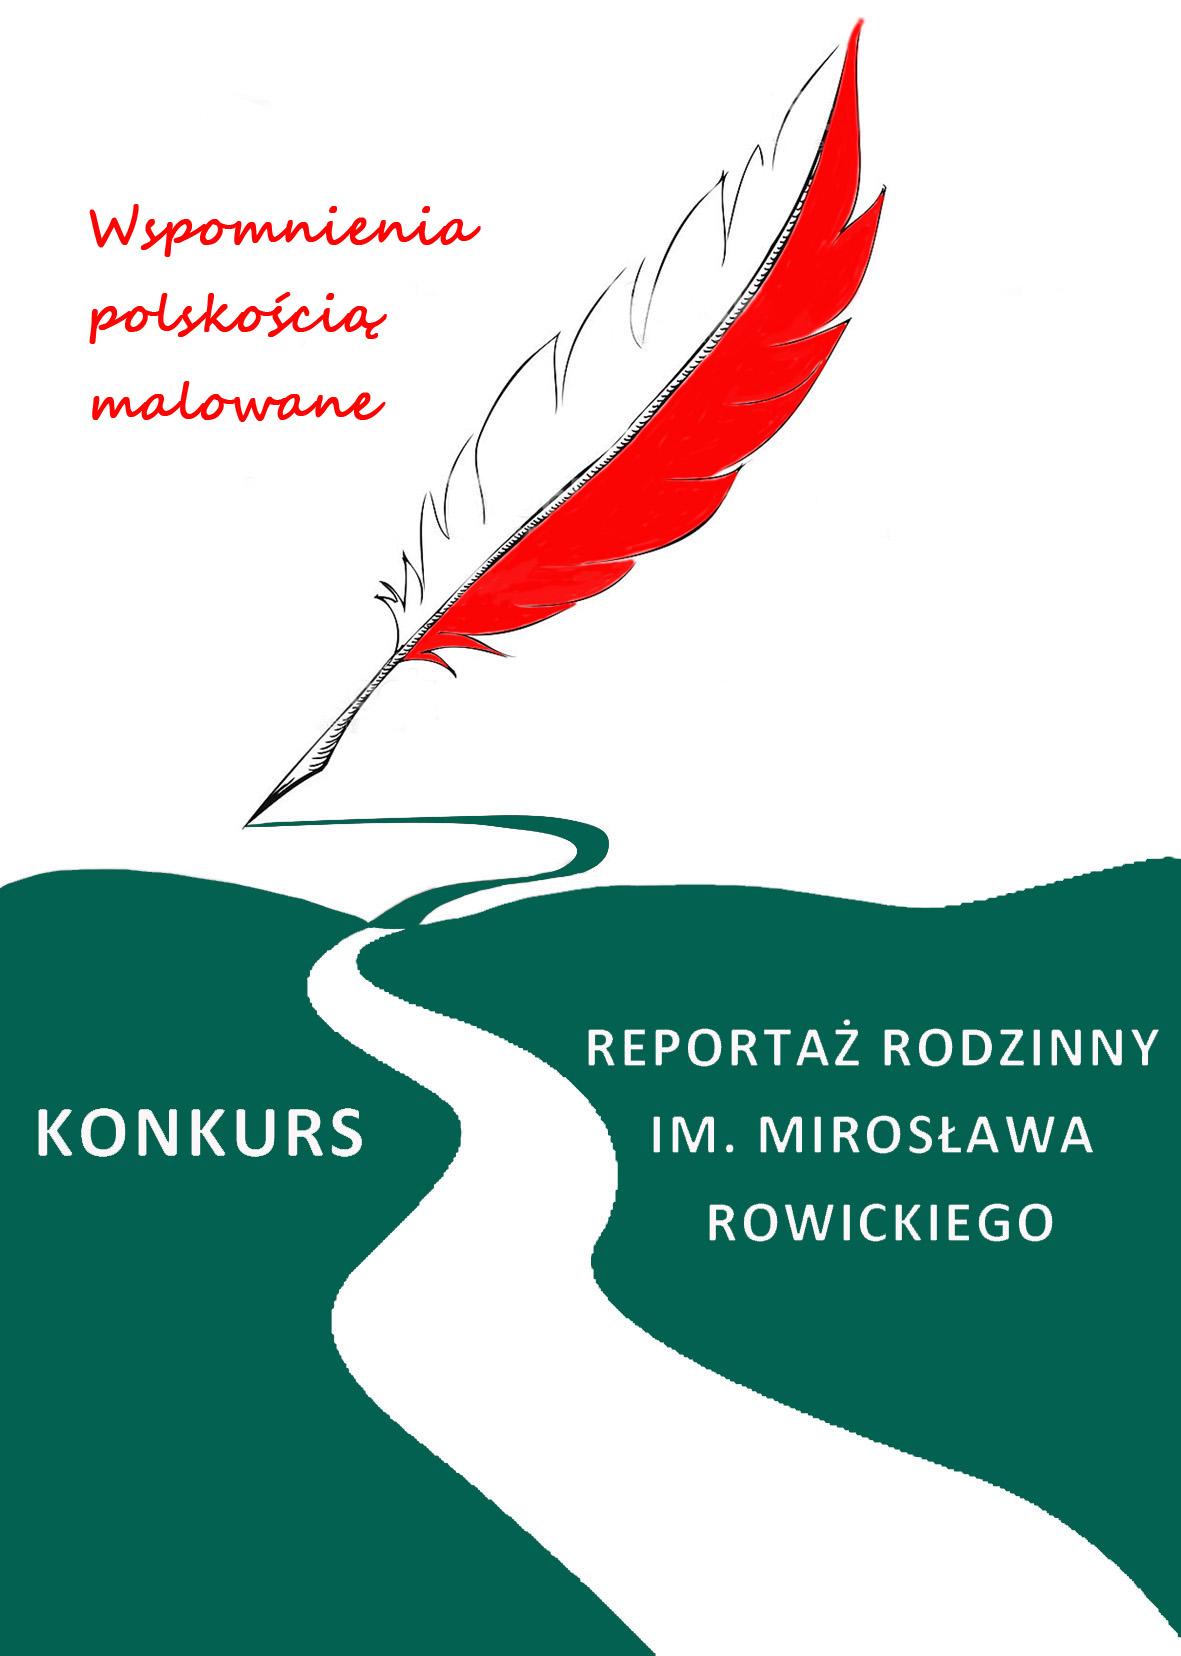 """Konkurs """"Reportaż rodzinny im. Mirosława Rowickiego"""""""